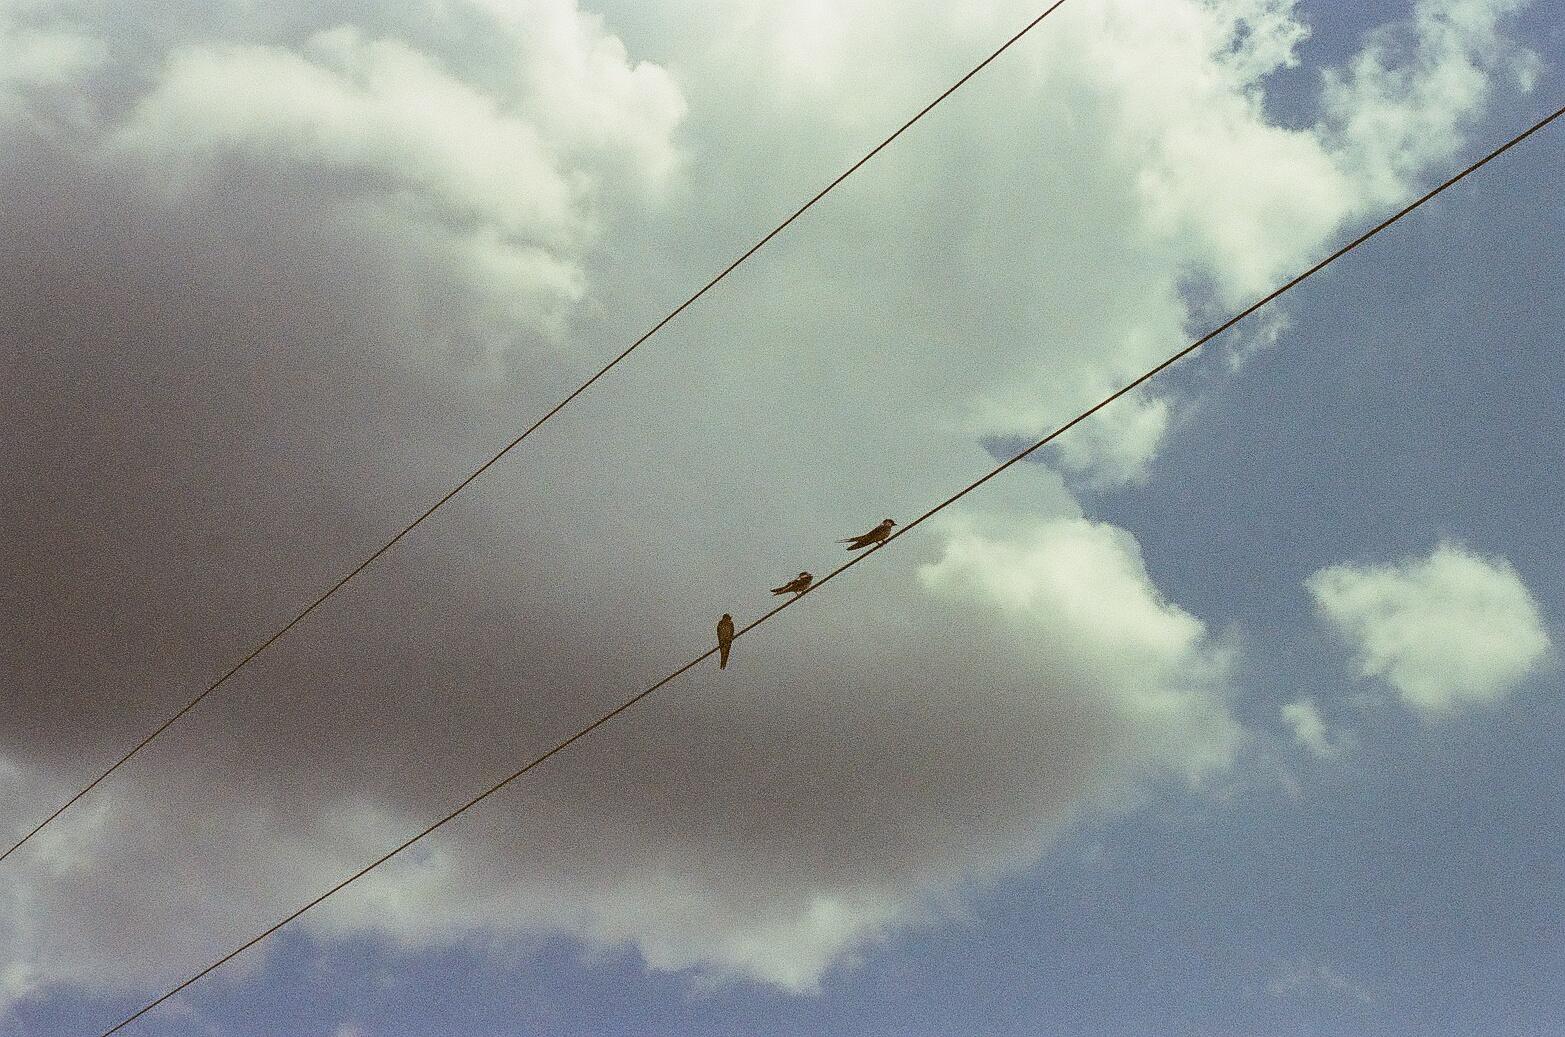 Birds on telephone line